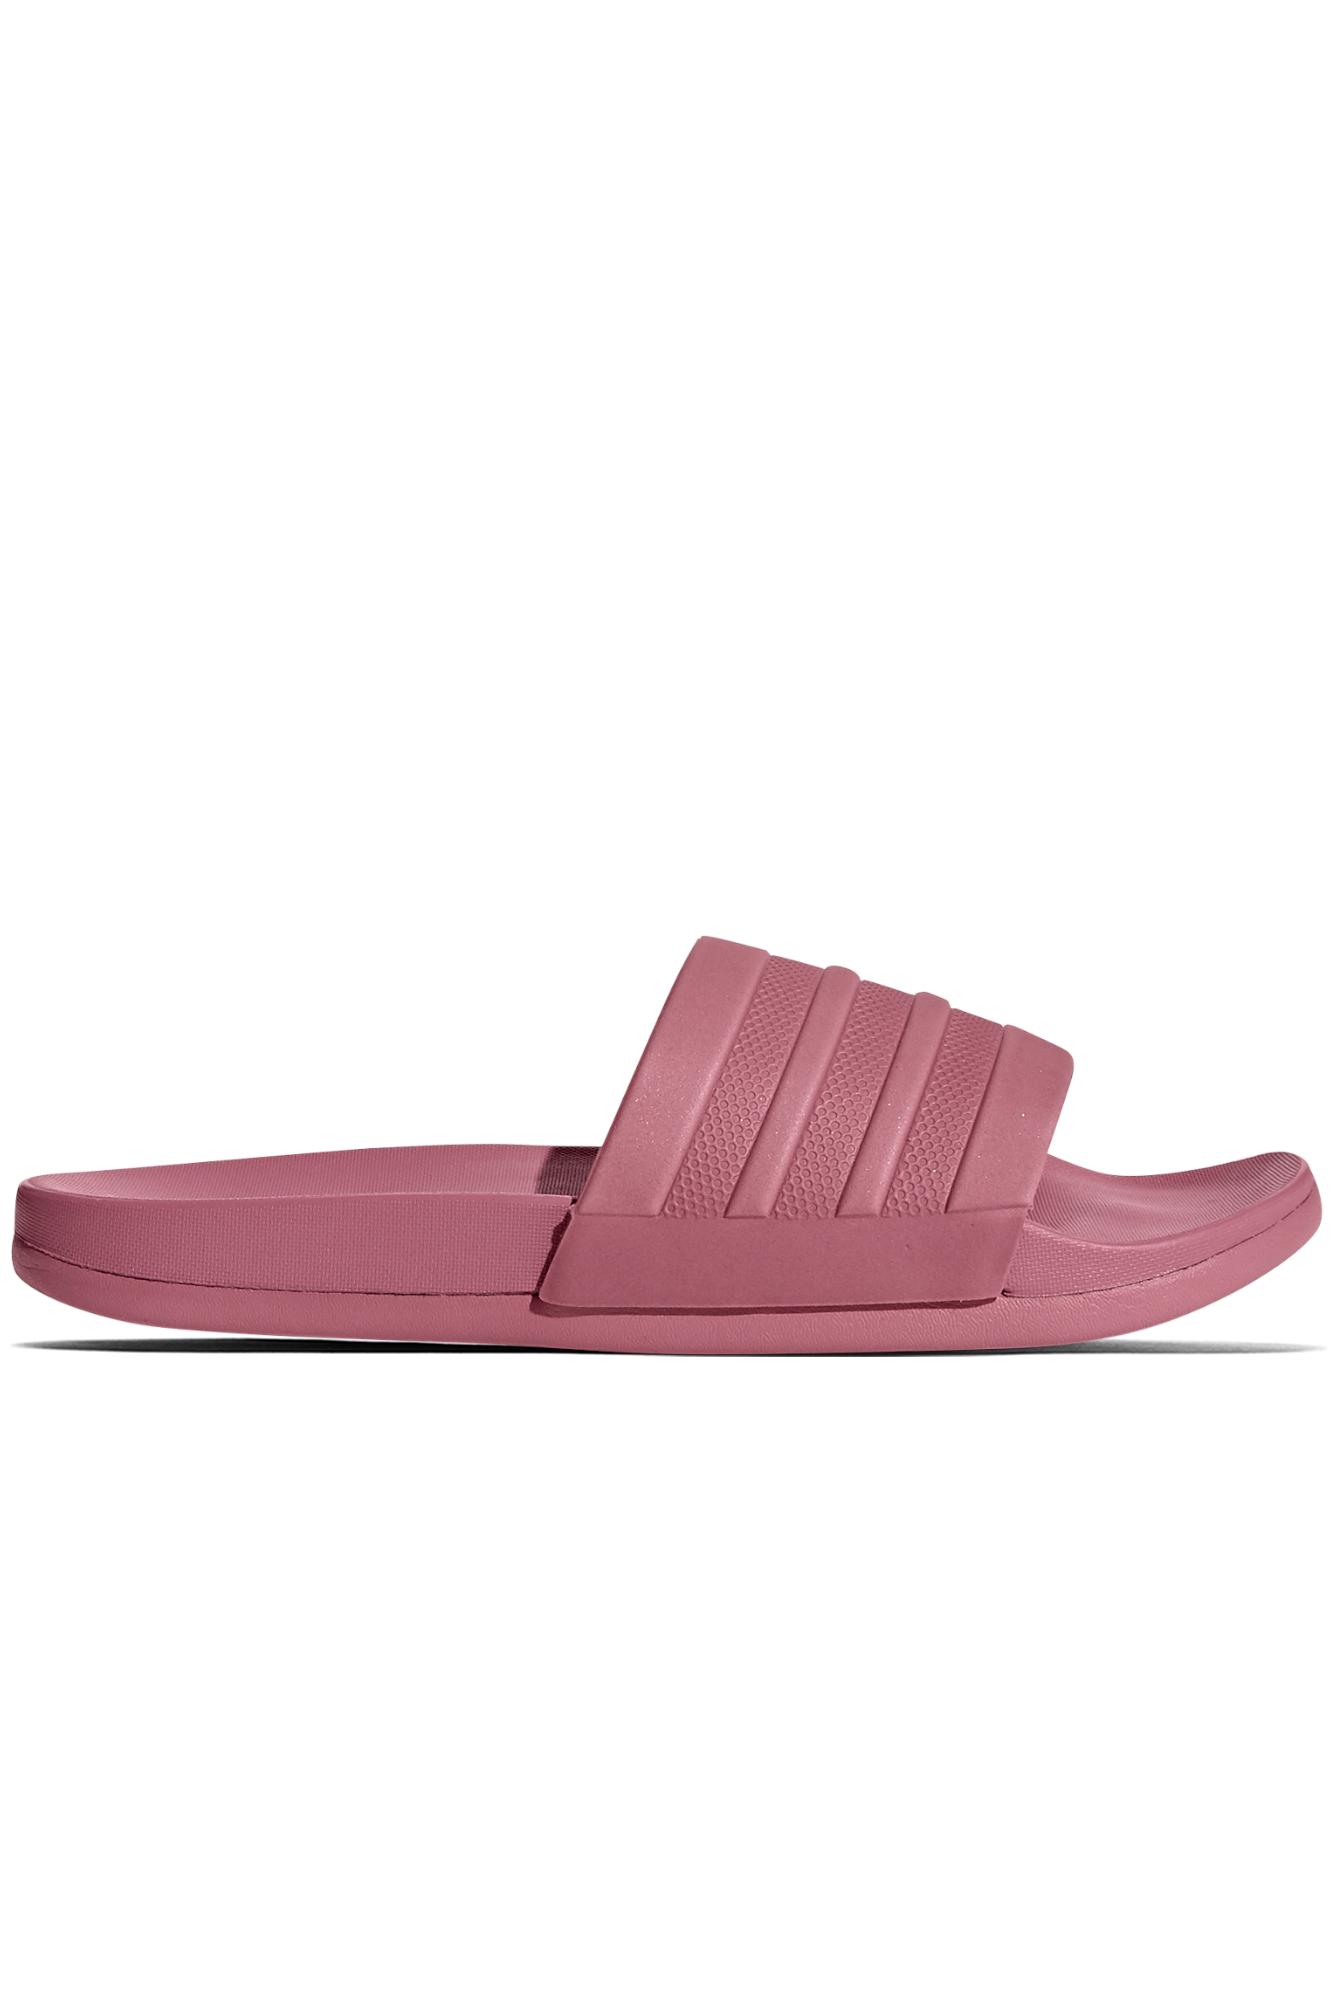 podgląd ponadczasowy design słodkie tanie Klapki adidas Adilette Comfort - B42205 / Klapki / Buty ...